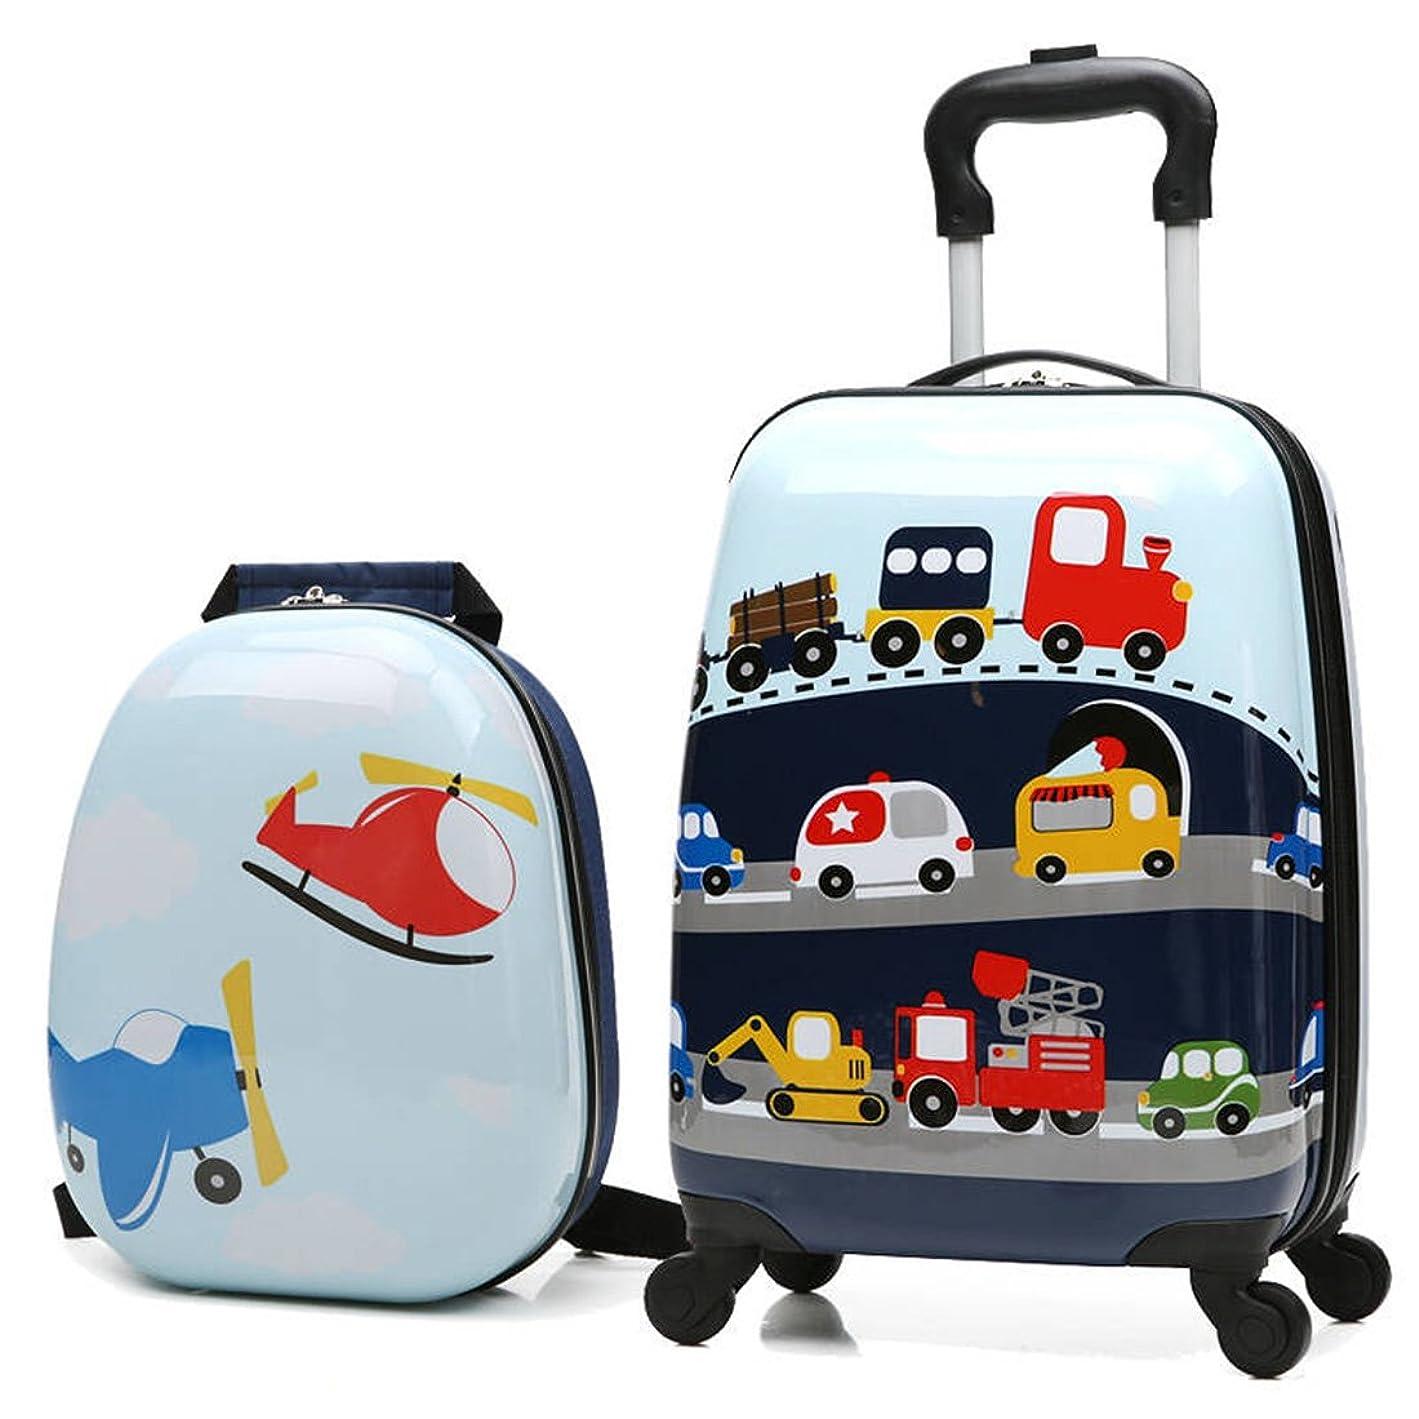 輪郭実行可能遠足子供の荷物18インチハードシェルスピナーホイールは旅行のためのスーツケースを続けています